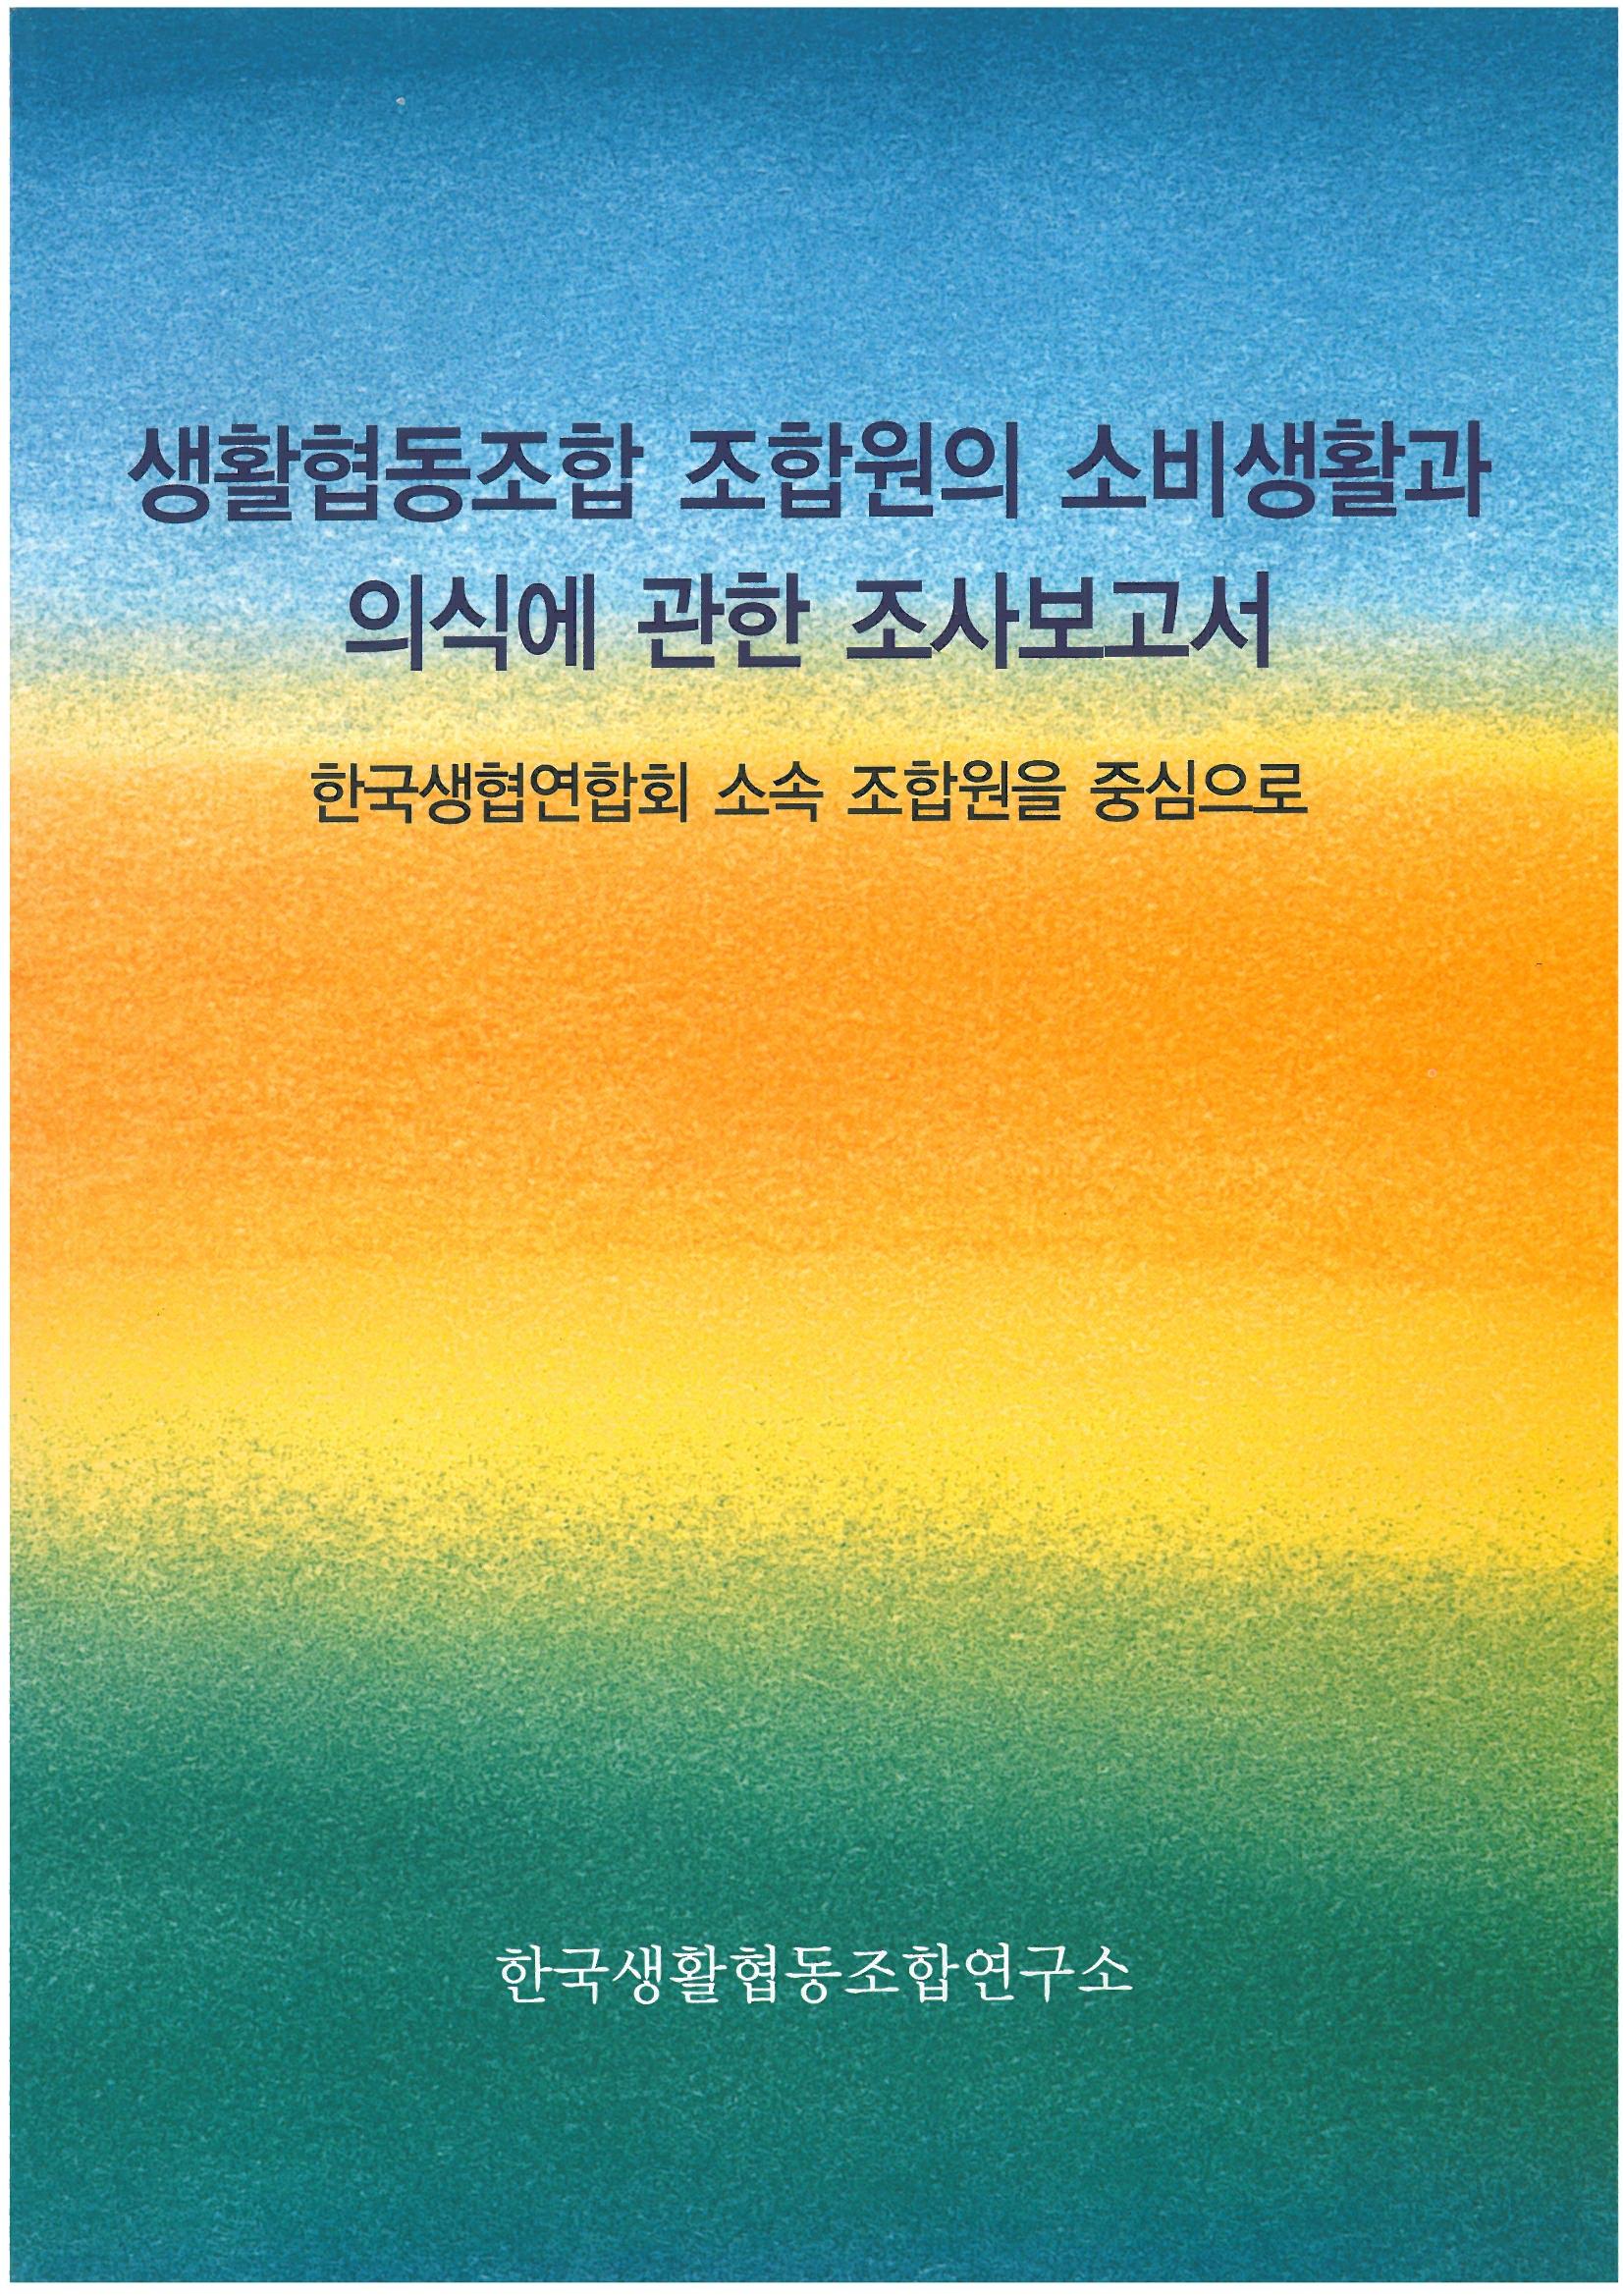 9_『생활협동조합 조합원의 소비생활과 의식에 관한 조사보고서』.jpg